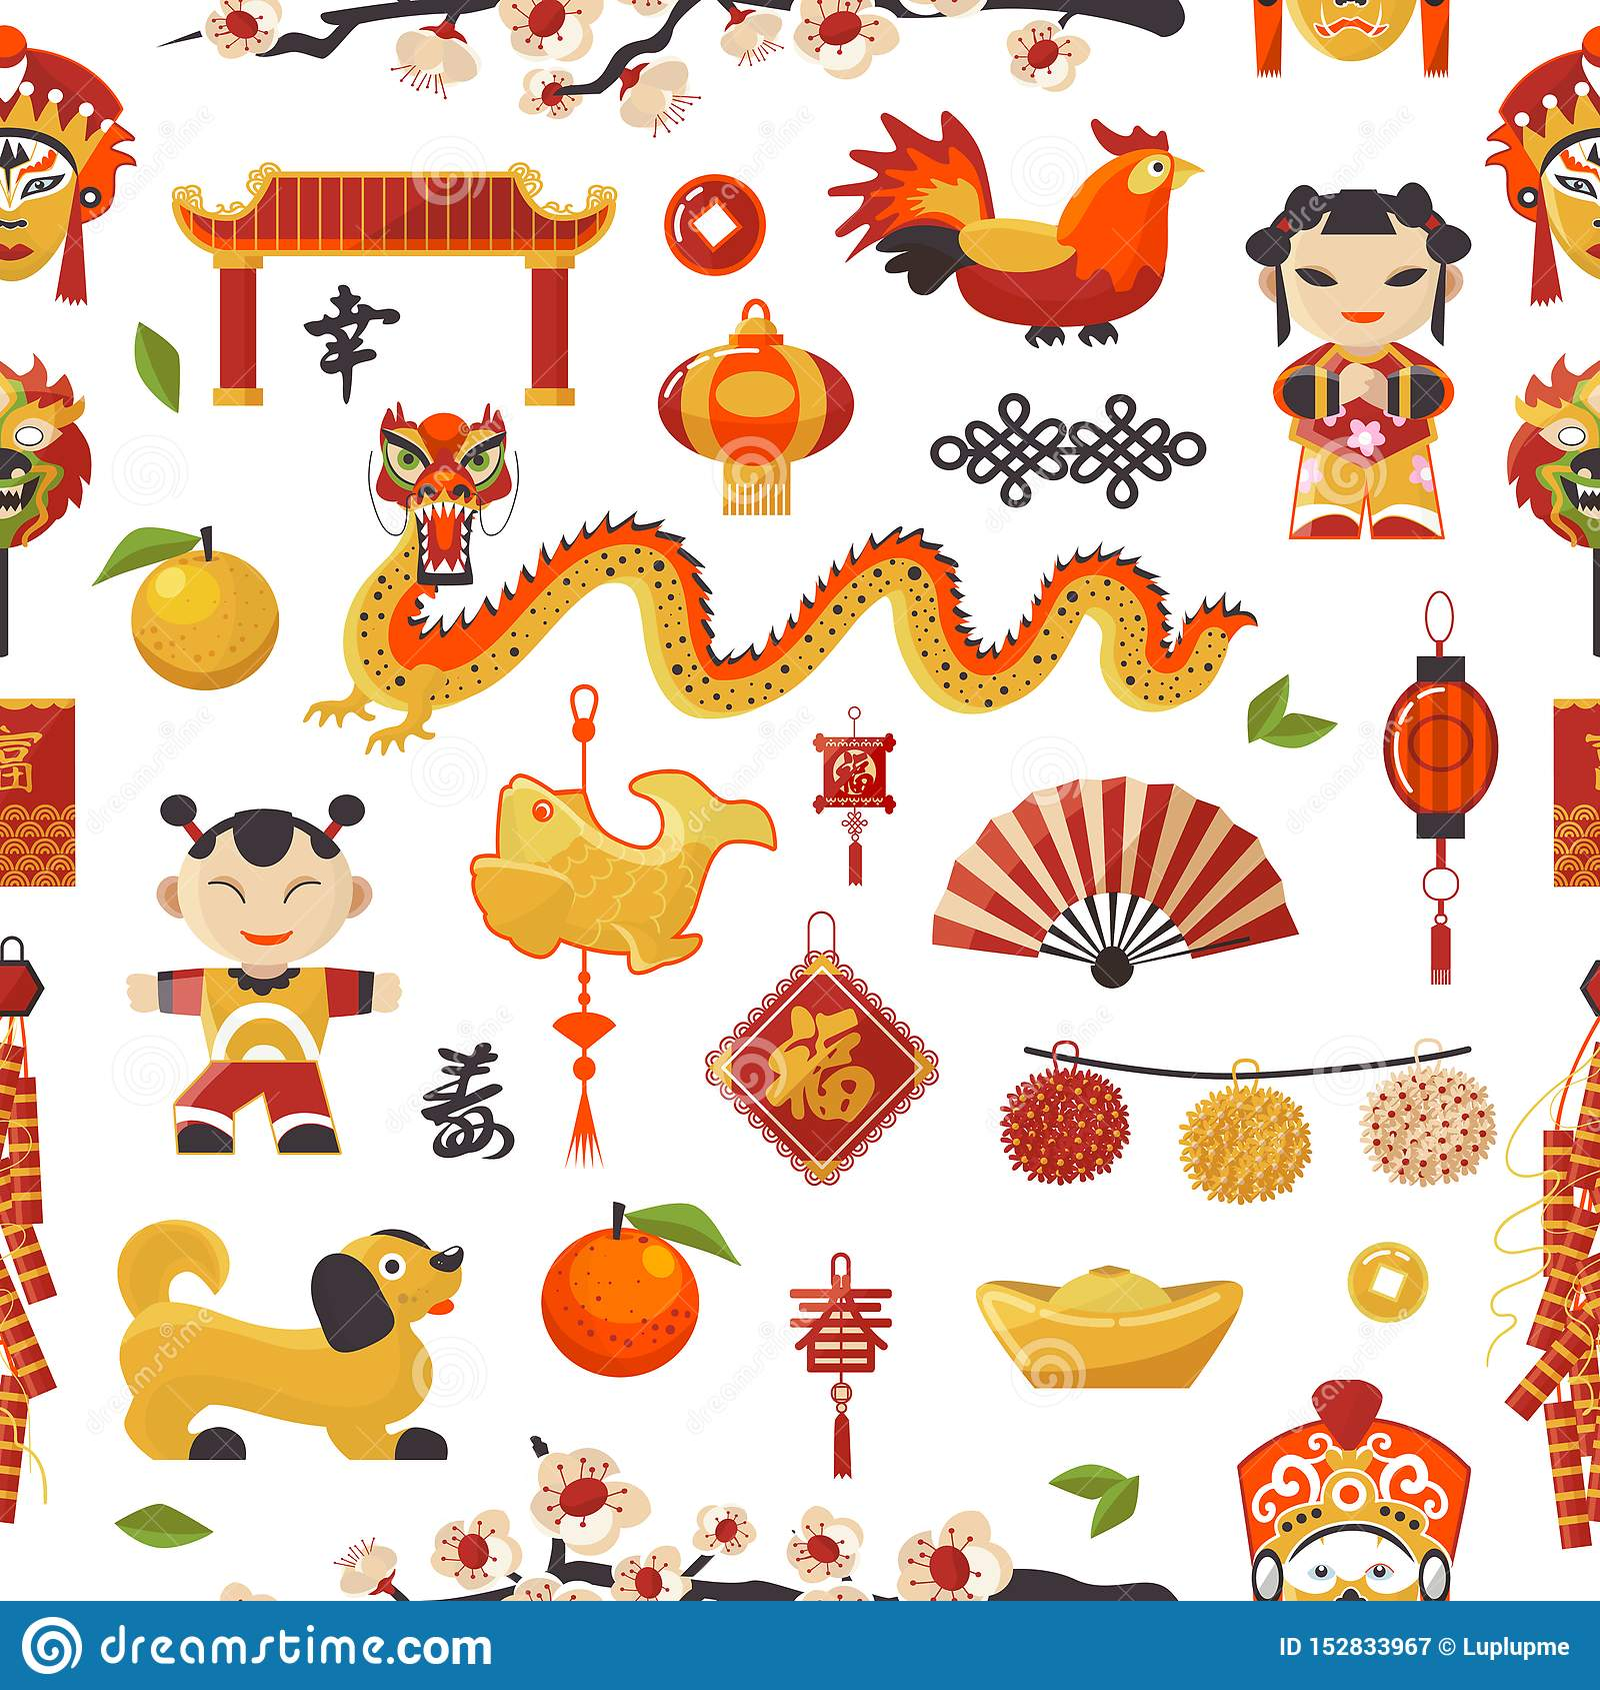 Het Nieuwjaarpictogrammen van China geplaatst decoratieve vakantie Chinese traditionele symbolen en objecten draak, hond, lichter